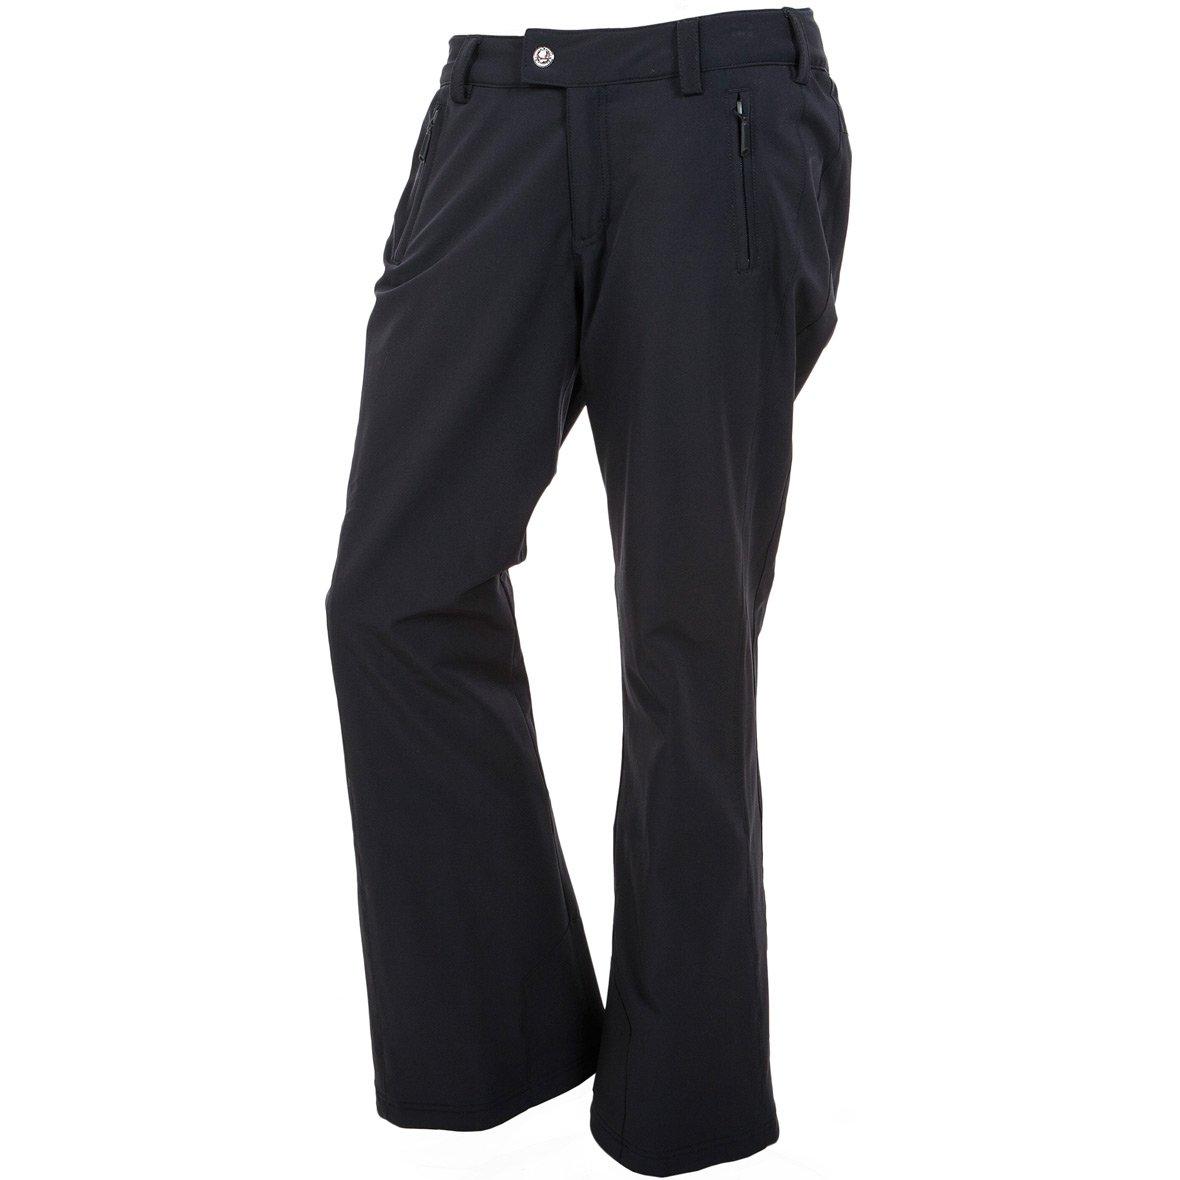 Sunice W's Melina Stretch Pant (Short)